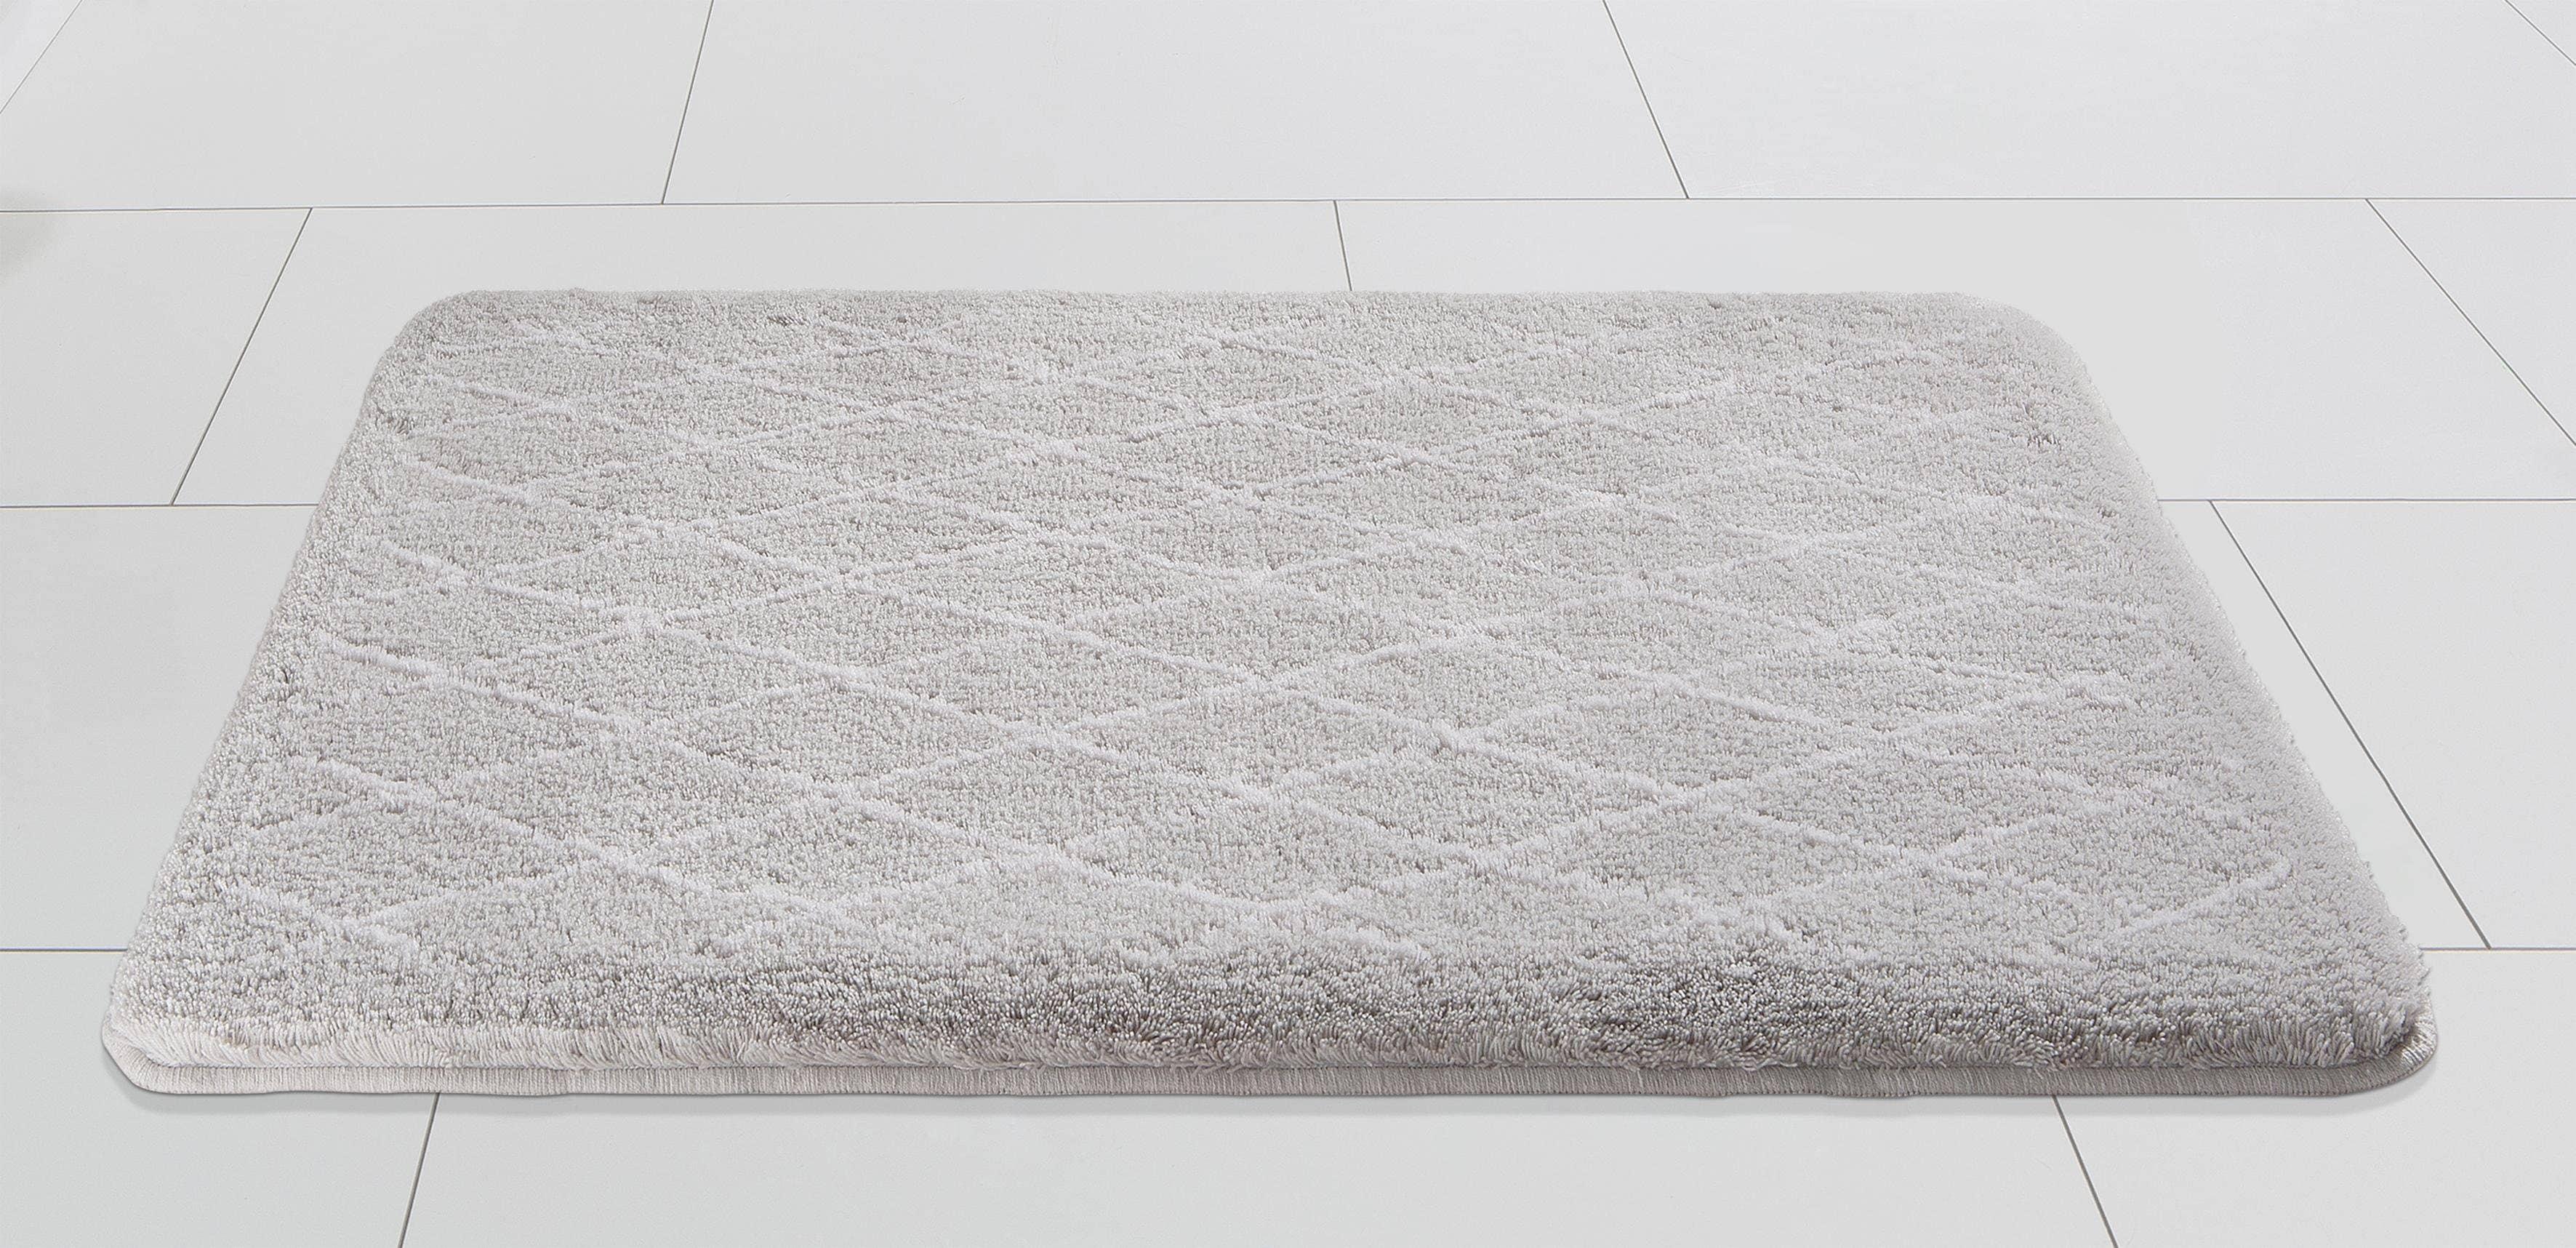 Badematte Sia Kleine Wolke EXKLUSIV Höhe 20 mm rutschhemmend beschichtet  fußbodenheizungsgeeignet